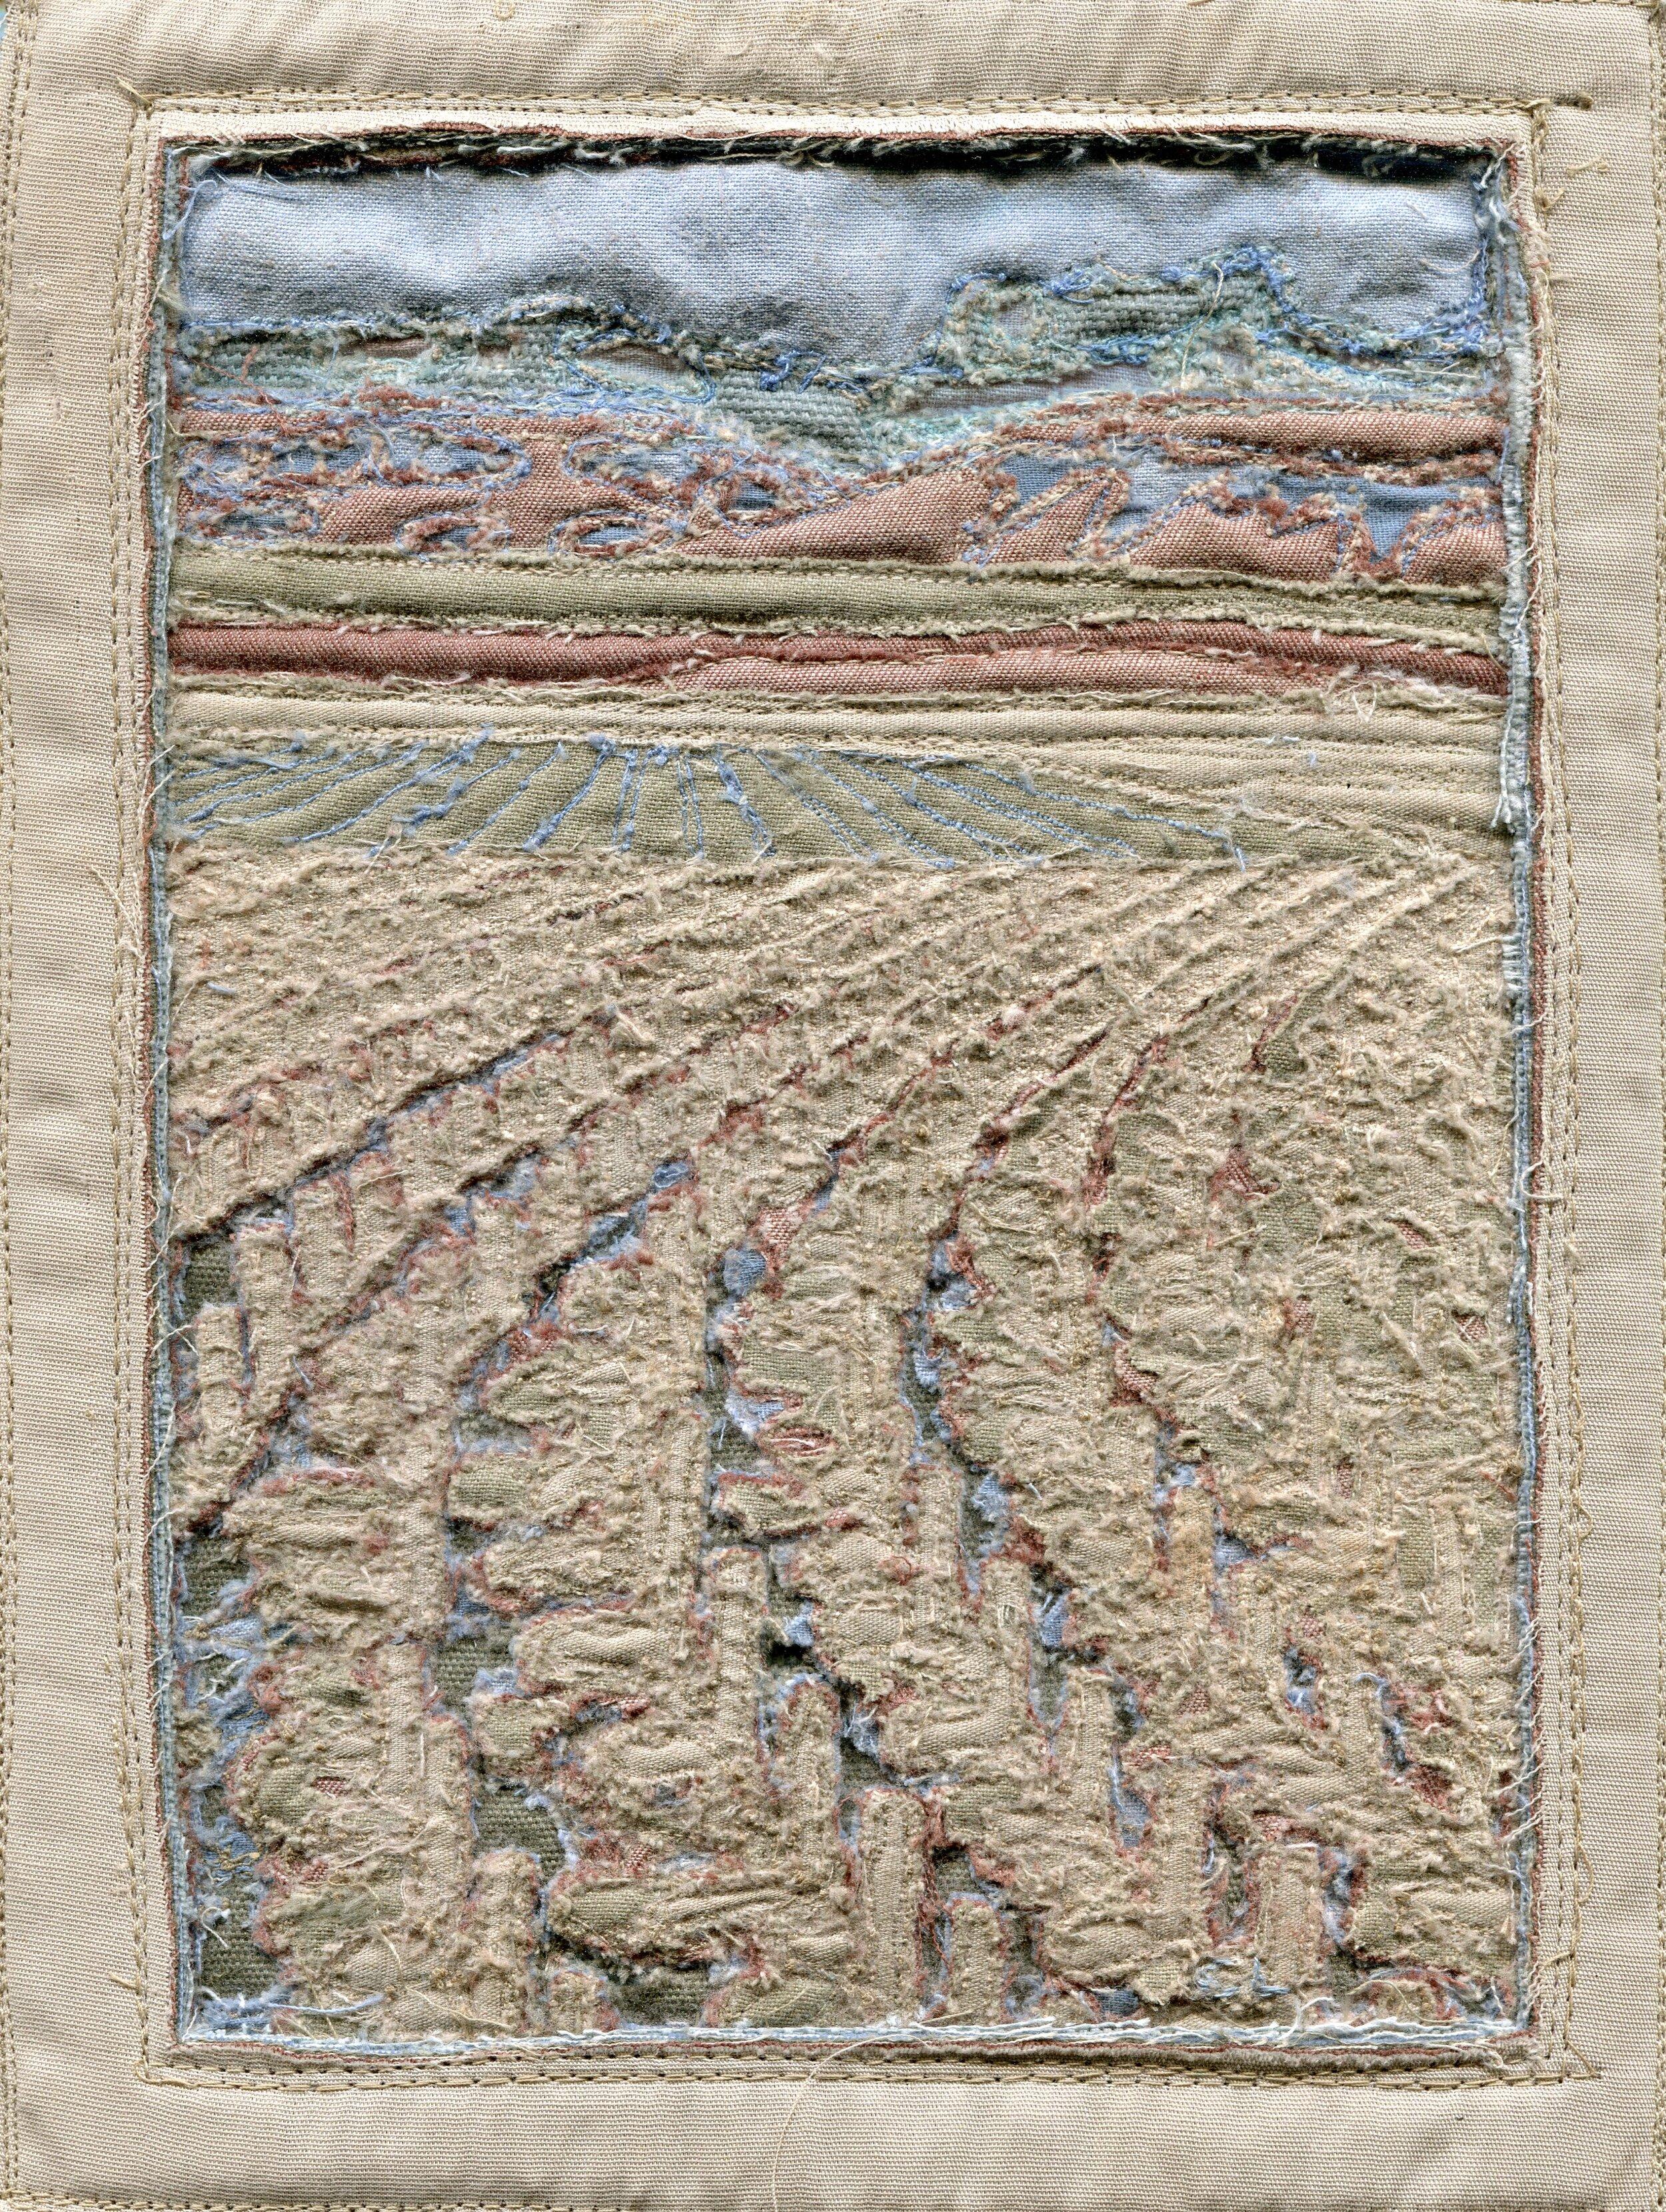 58b  Corina Lemmer  Tientwa Geluksburg 2  free machine embroidery on fabric